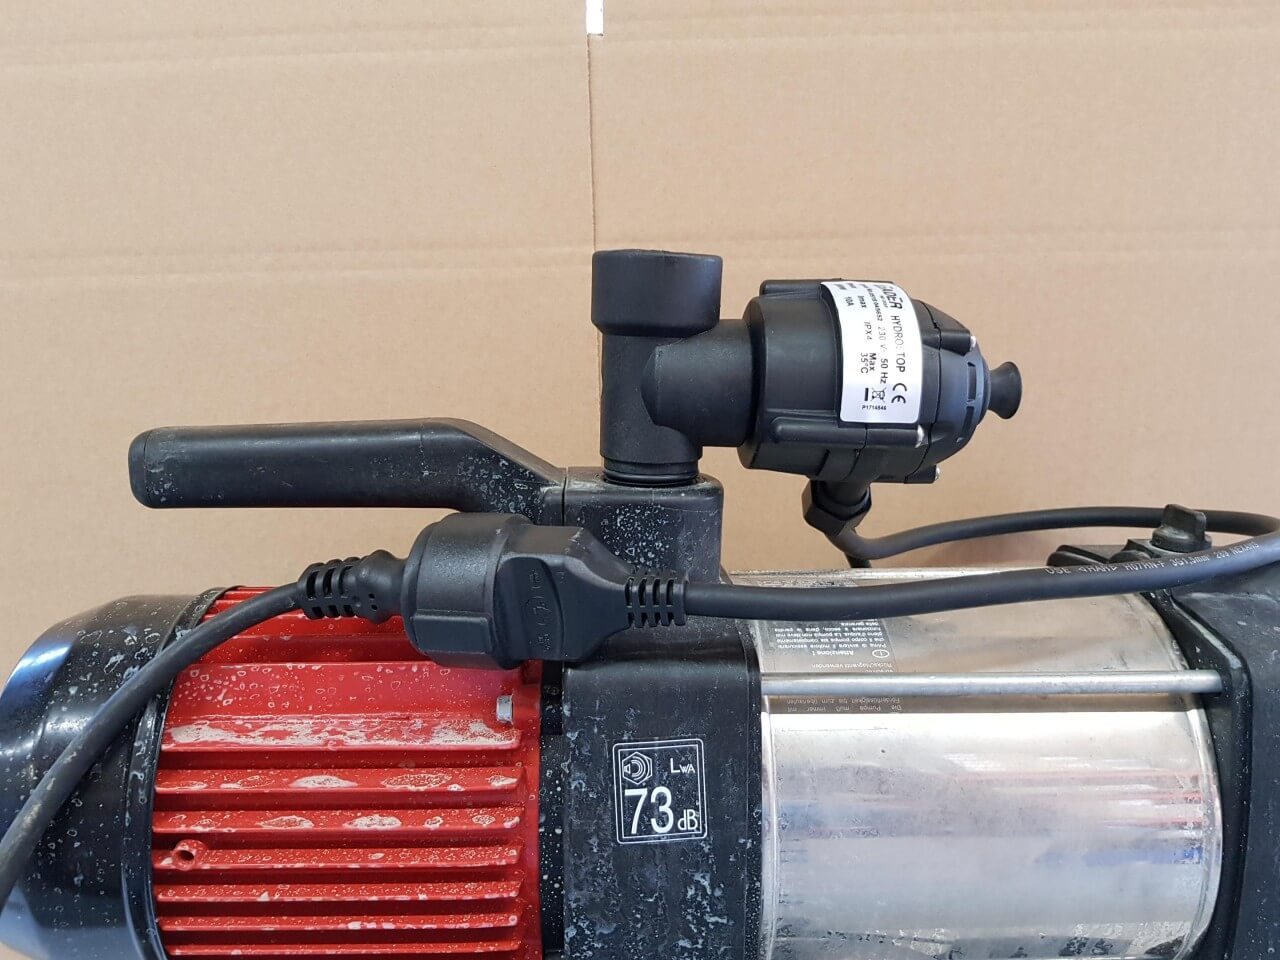 CLEN Kuivakäyntisuoja vesipumpulle - Kailatec Oy Verkkokauppa